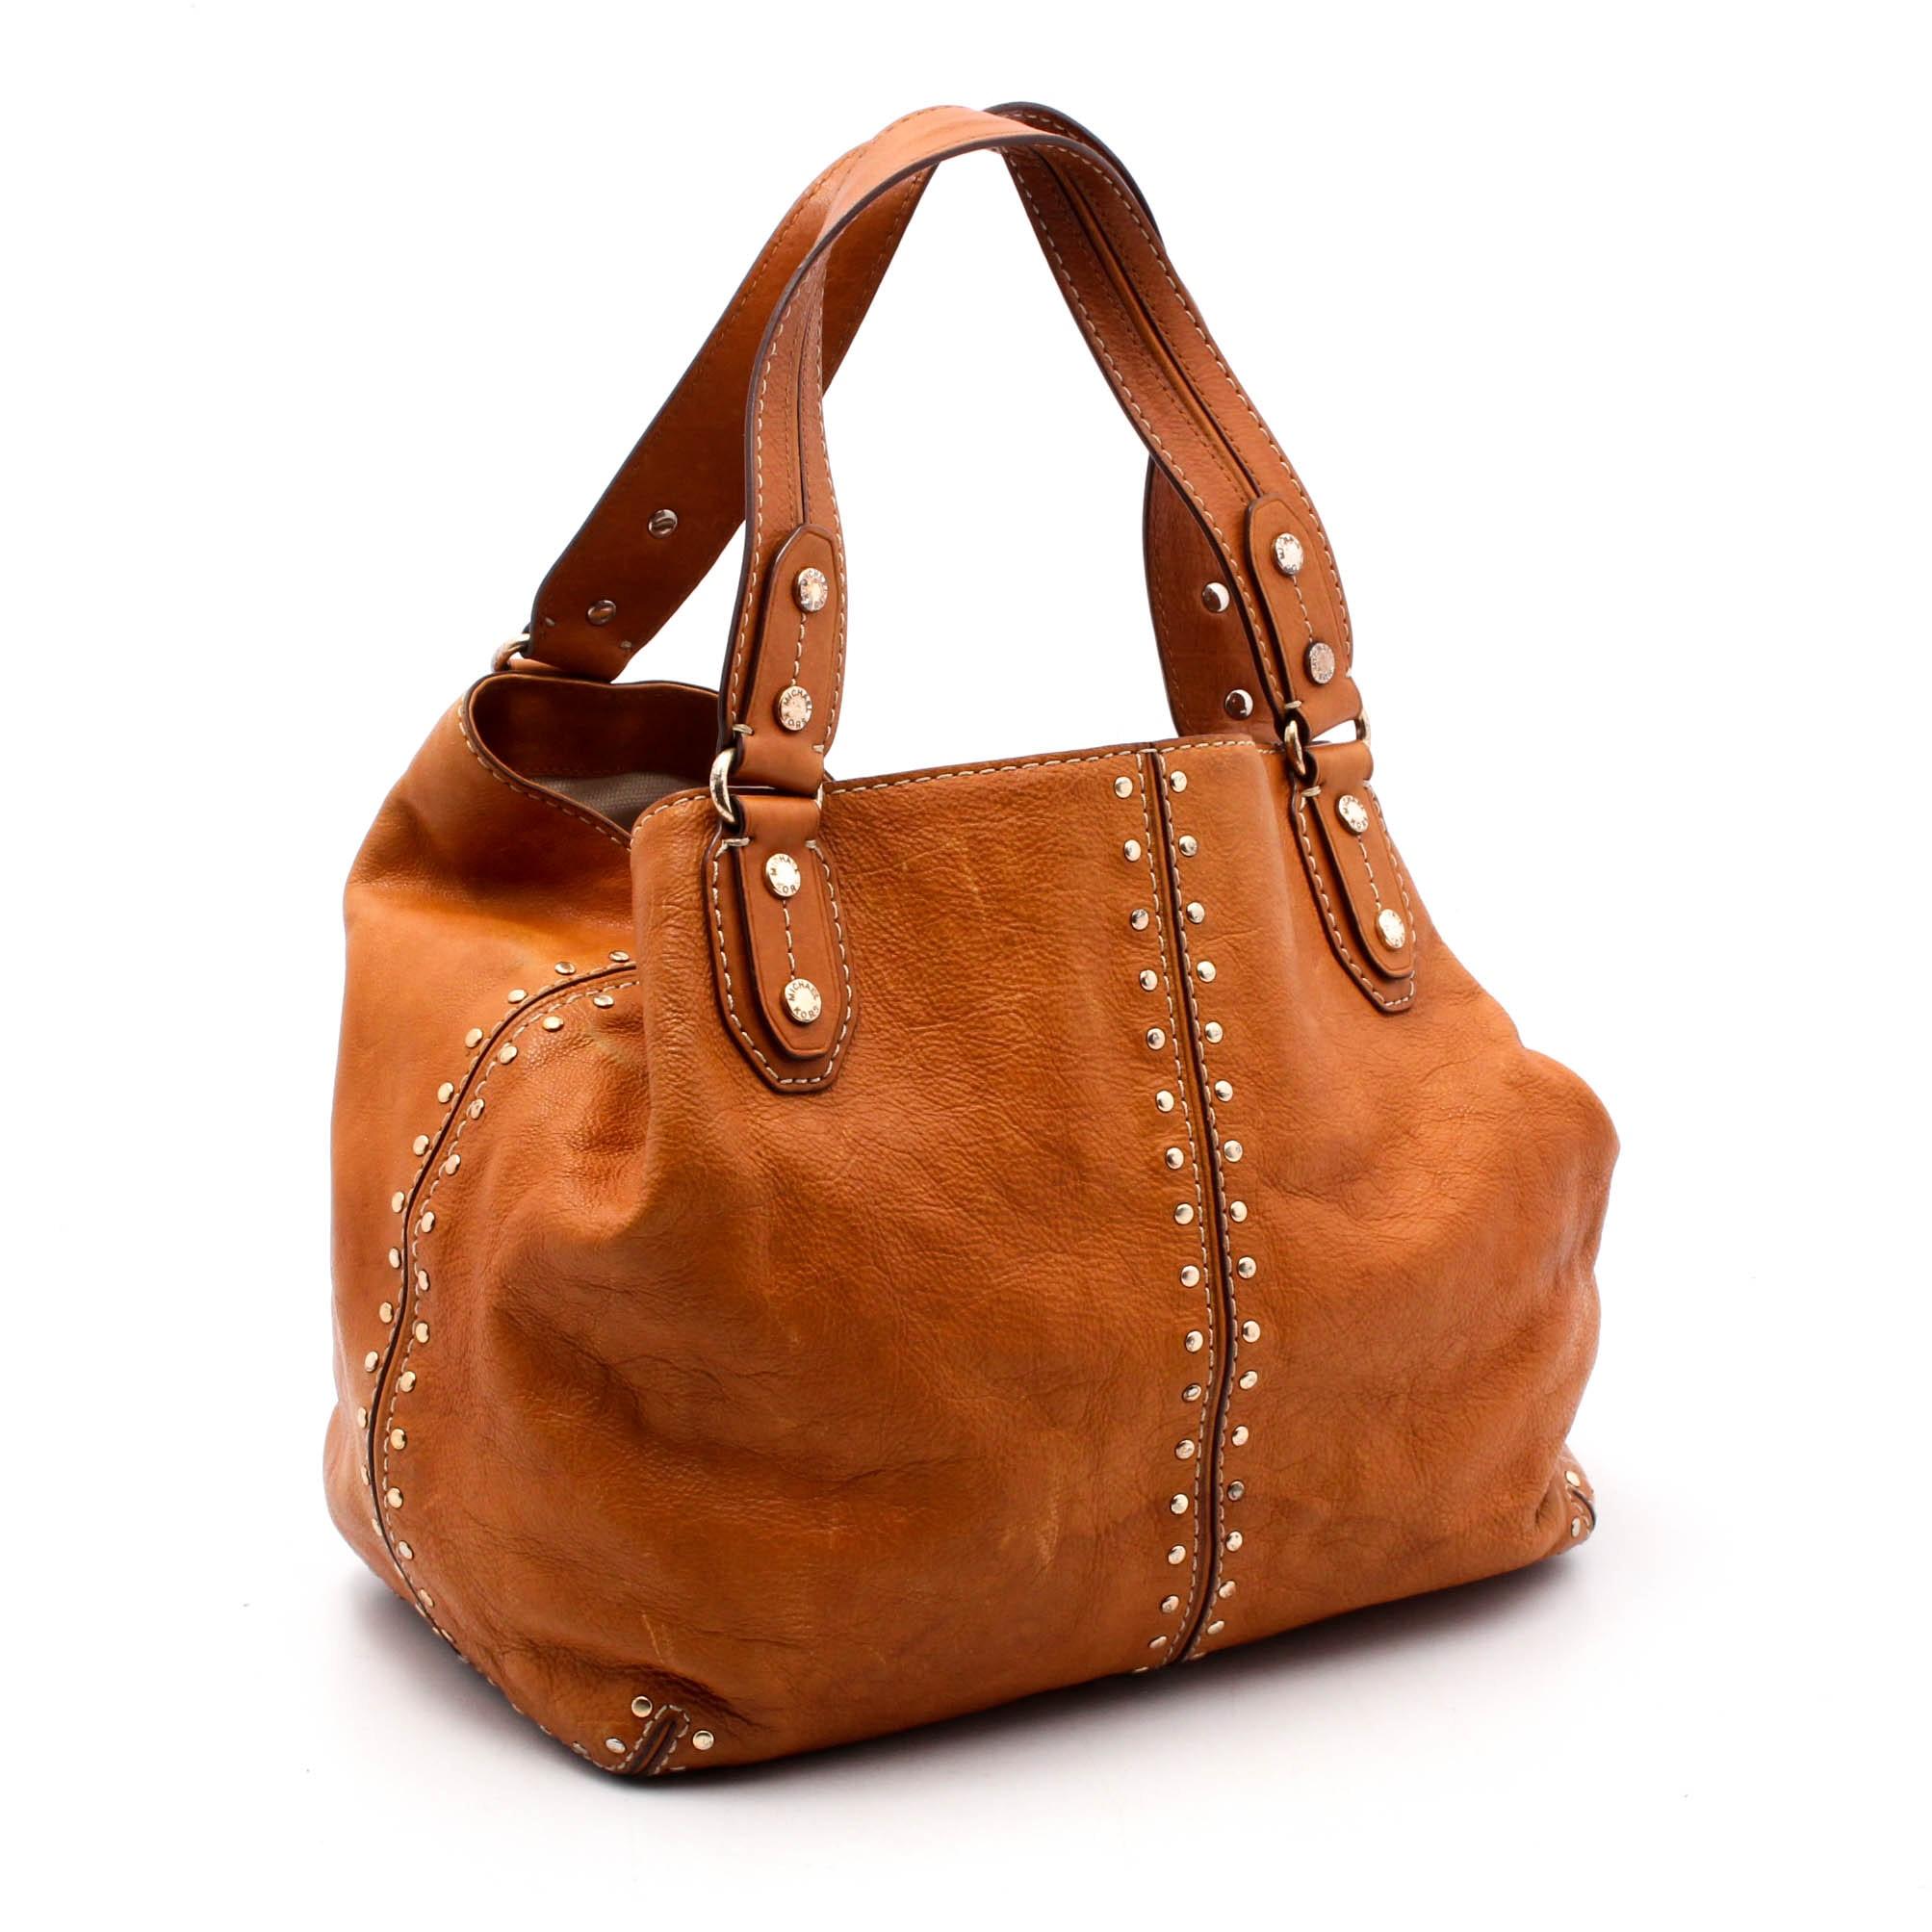 MICHAEL Michael Kors Studded Cognac Leather Hobo Handbag